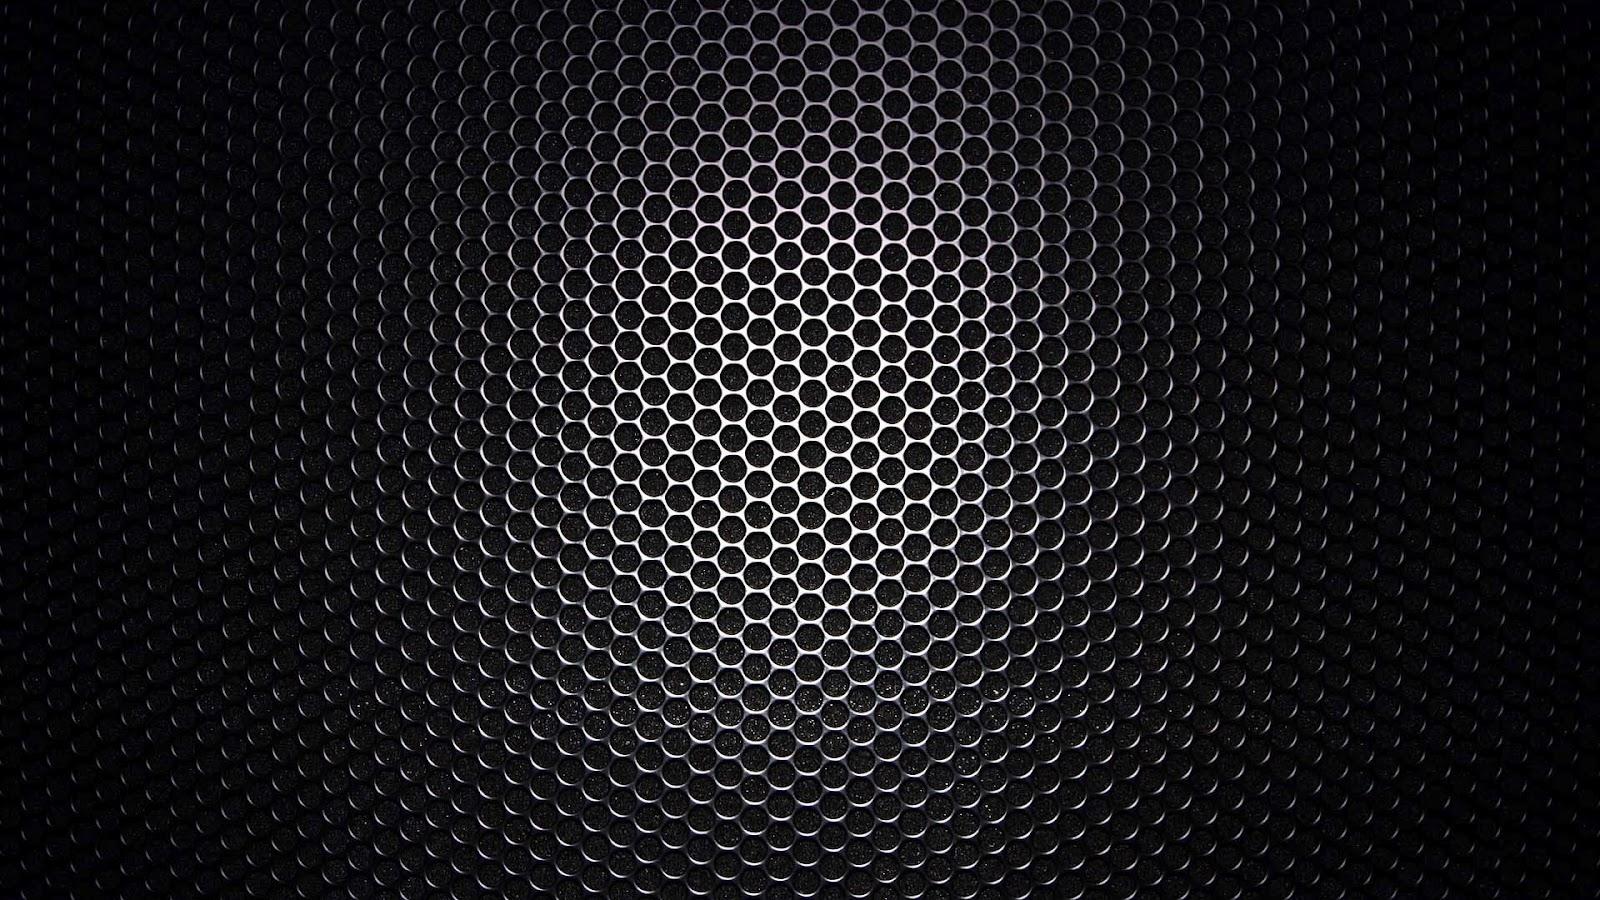 Black Hd Wallpaper 1920x1080 Wallpapersafari